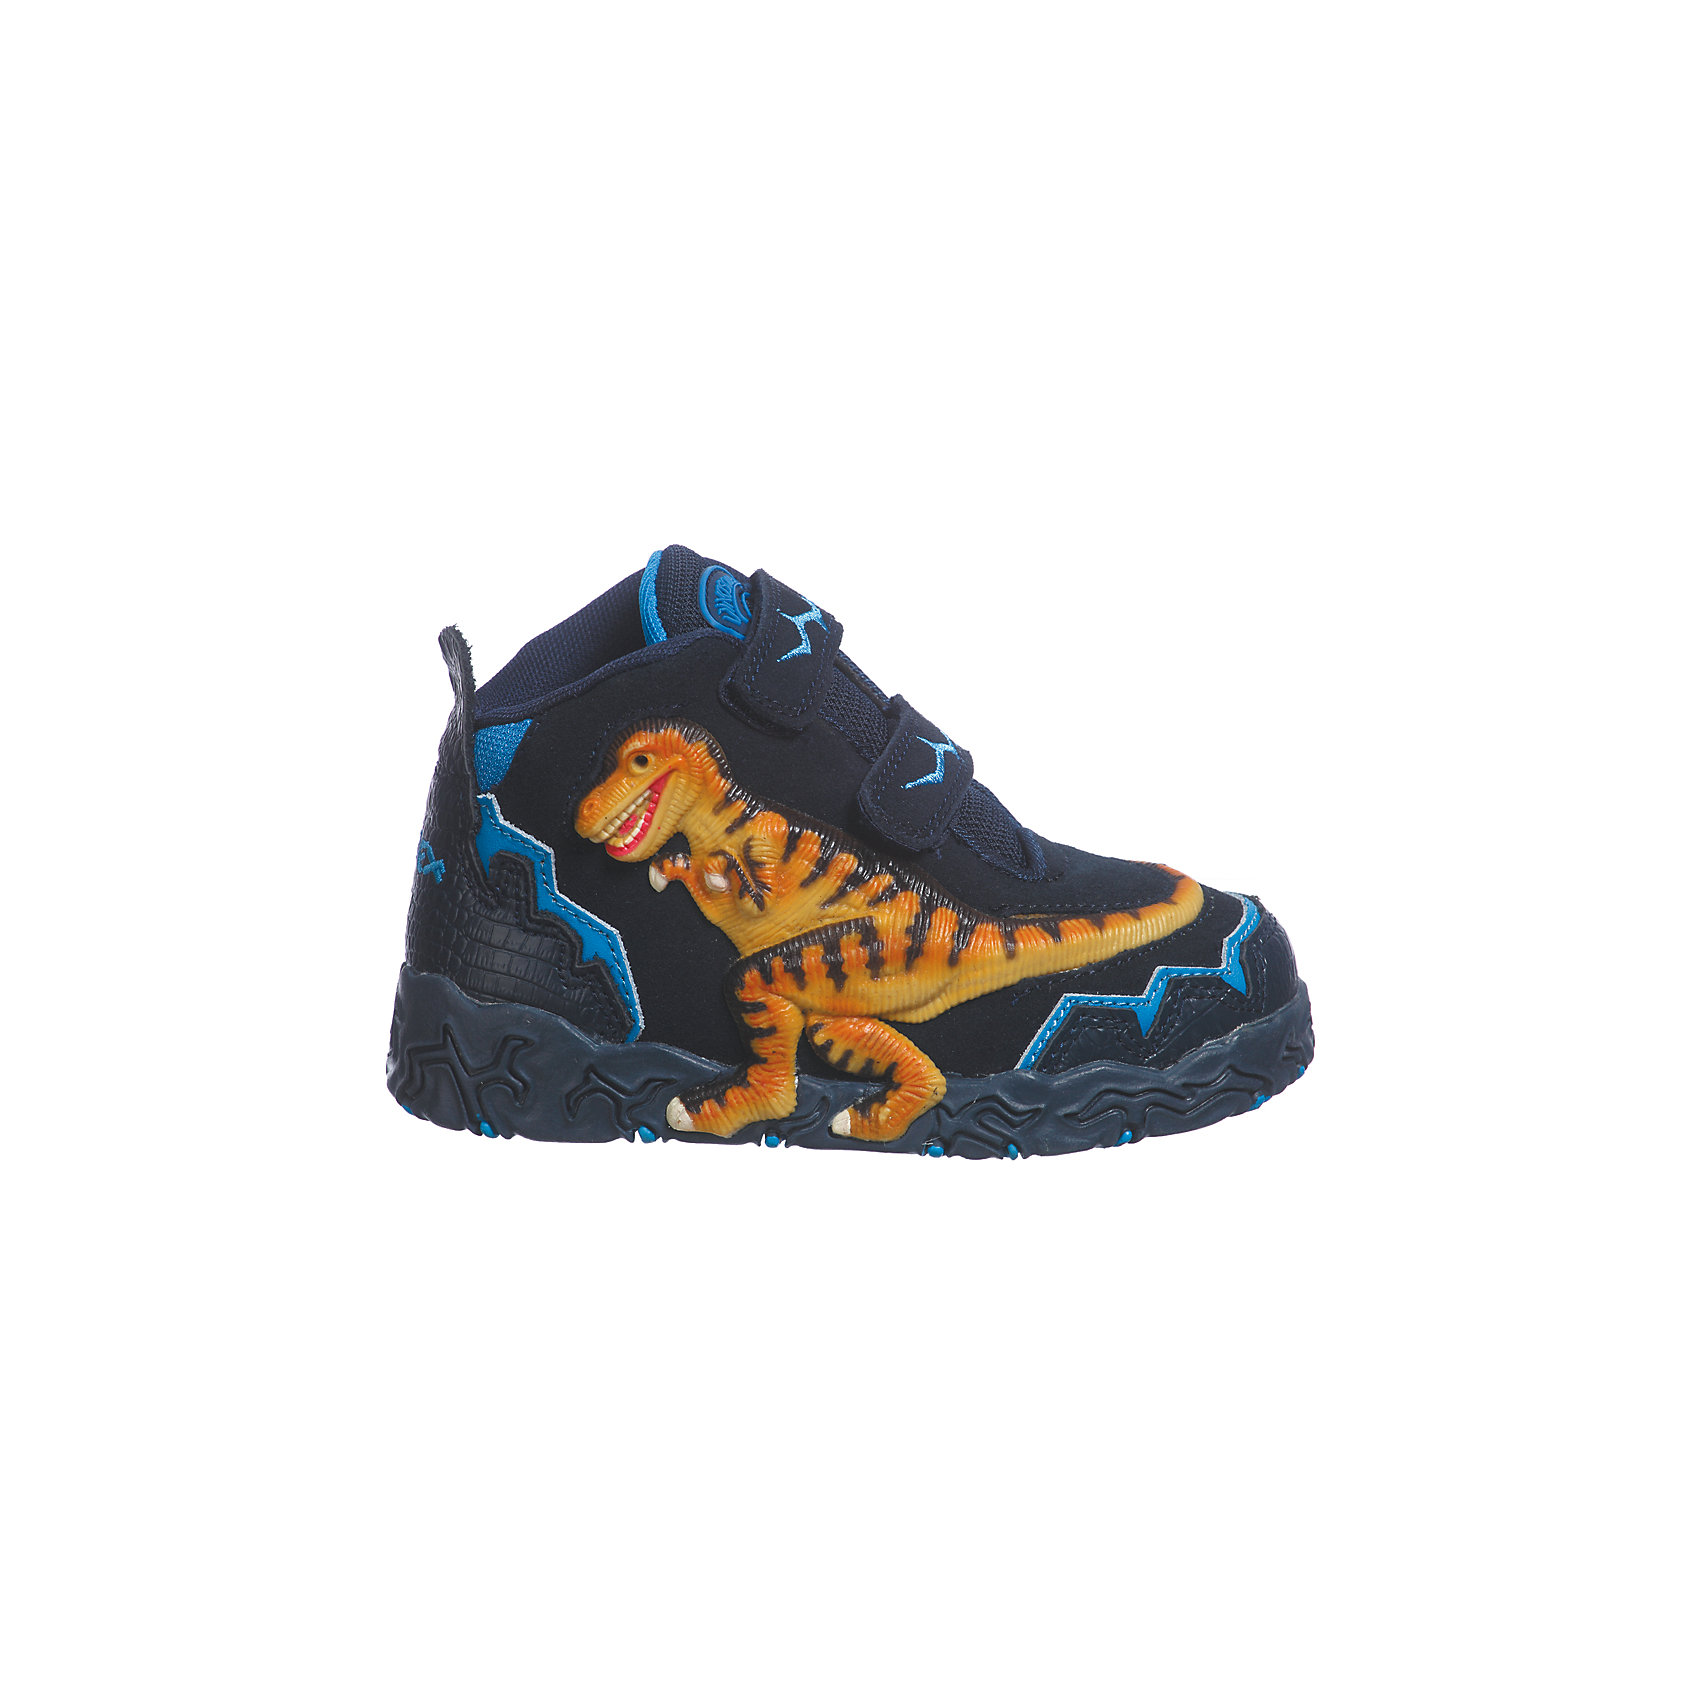 Ботинки для мальчика DinosolesБотинки<br>Ботинки для мальчика Dinosoles<br><br>Состав верх: нат. кожа/замша, подклад: текстиль, подошва: резина<br><br> Dinosoles - единственная в мире детcкая обувь с трехмерным изображением динозавров. Натуральные материалы, отобранные коллекции, 3D дизайн, горящие глаза, фирменная подошва, оставляющая след динозавра, приводят всех в восторг! Dinosoles - Динозавры возвращаются. The USA.<br><br>Cтрана бренда: США <br>Размер обуви производителя  US : US 10<br>Длина по стельке в мм: 175<br><br>Ширина мм: 262<br>Глубина мм: 176<br>Высота мм: 97<br>Вес г: 427<br>Цвет: синий<br>Возраст от месяцев: 108<br>Возраст до месяцев: 120<br>Пол: Мужской<br>Возраст: Детский<br>Размер: 33,27,28,29,30,31,32<br>SKU: 7030319